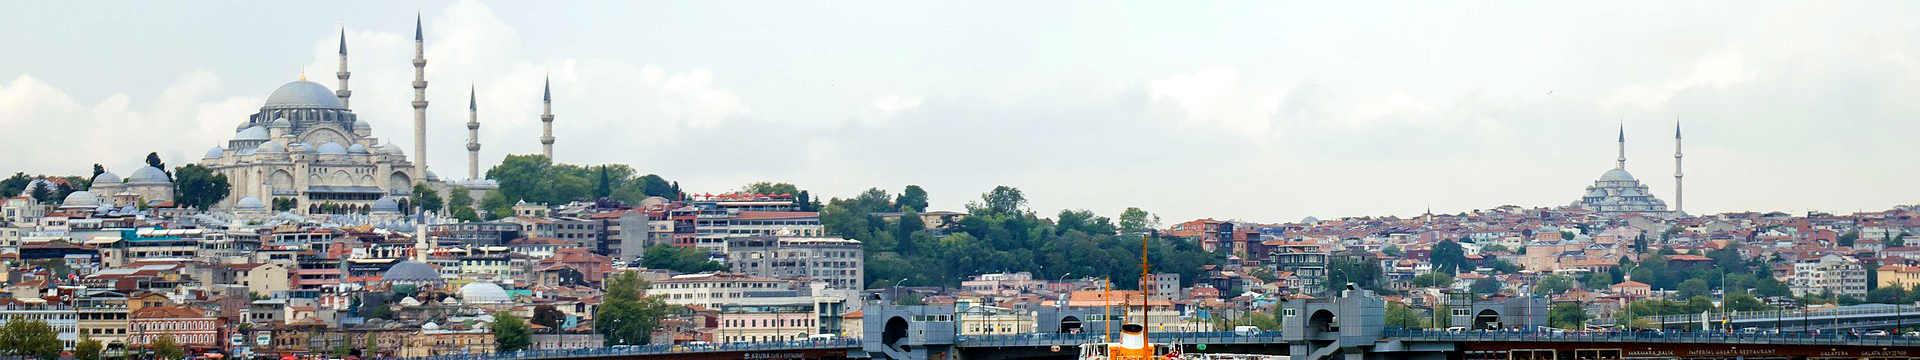 Estambul desde Asturias. Puente de diciembre